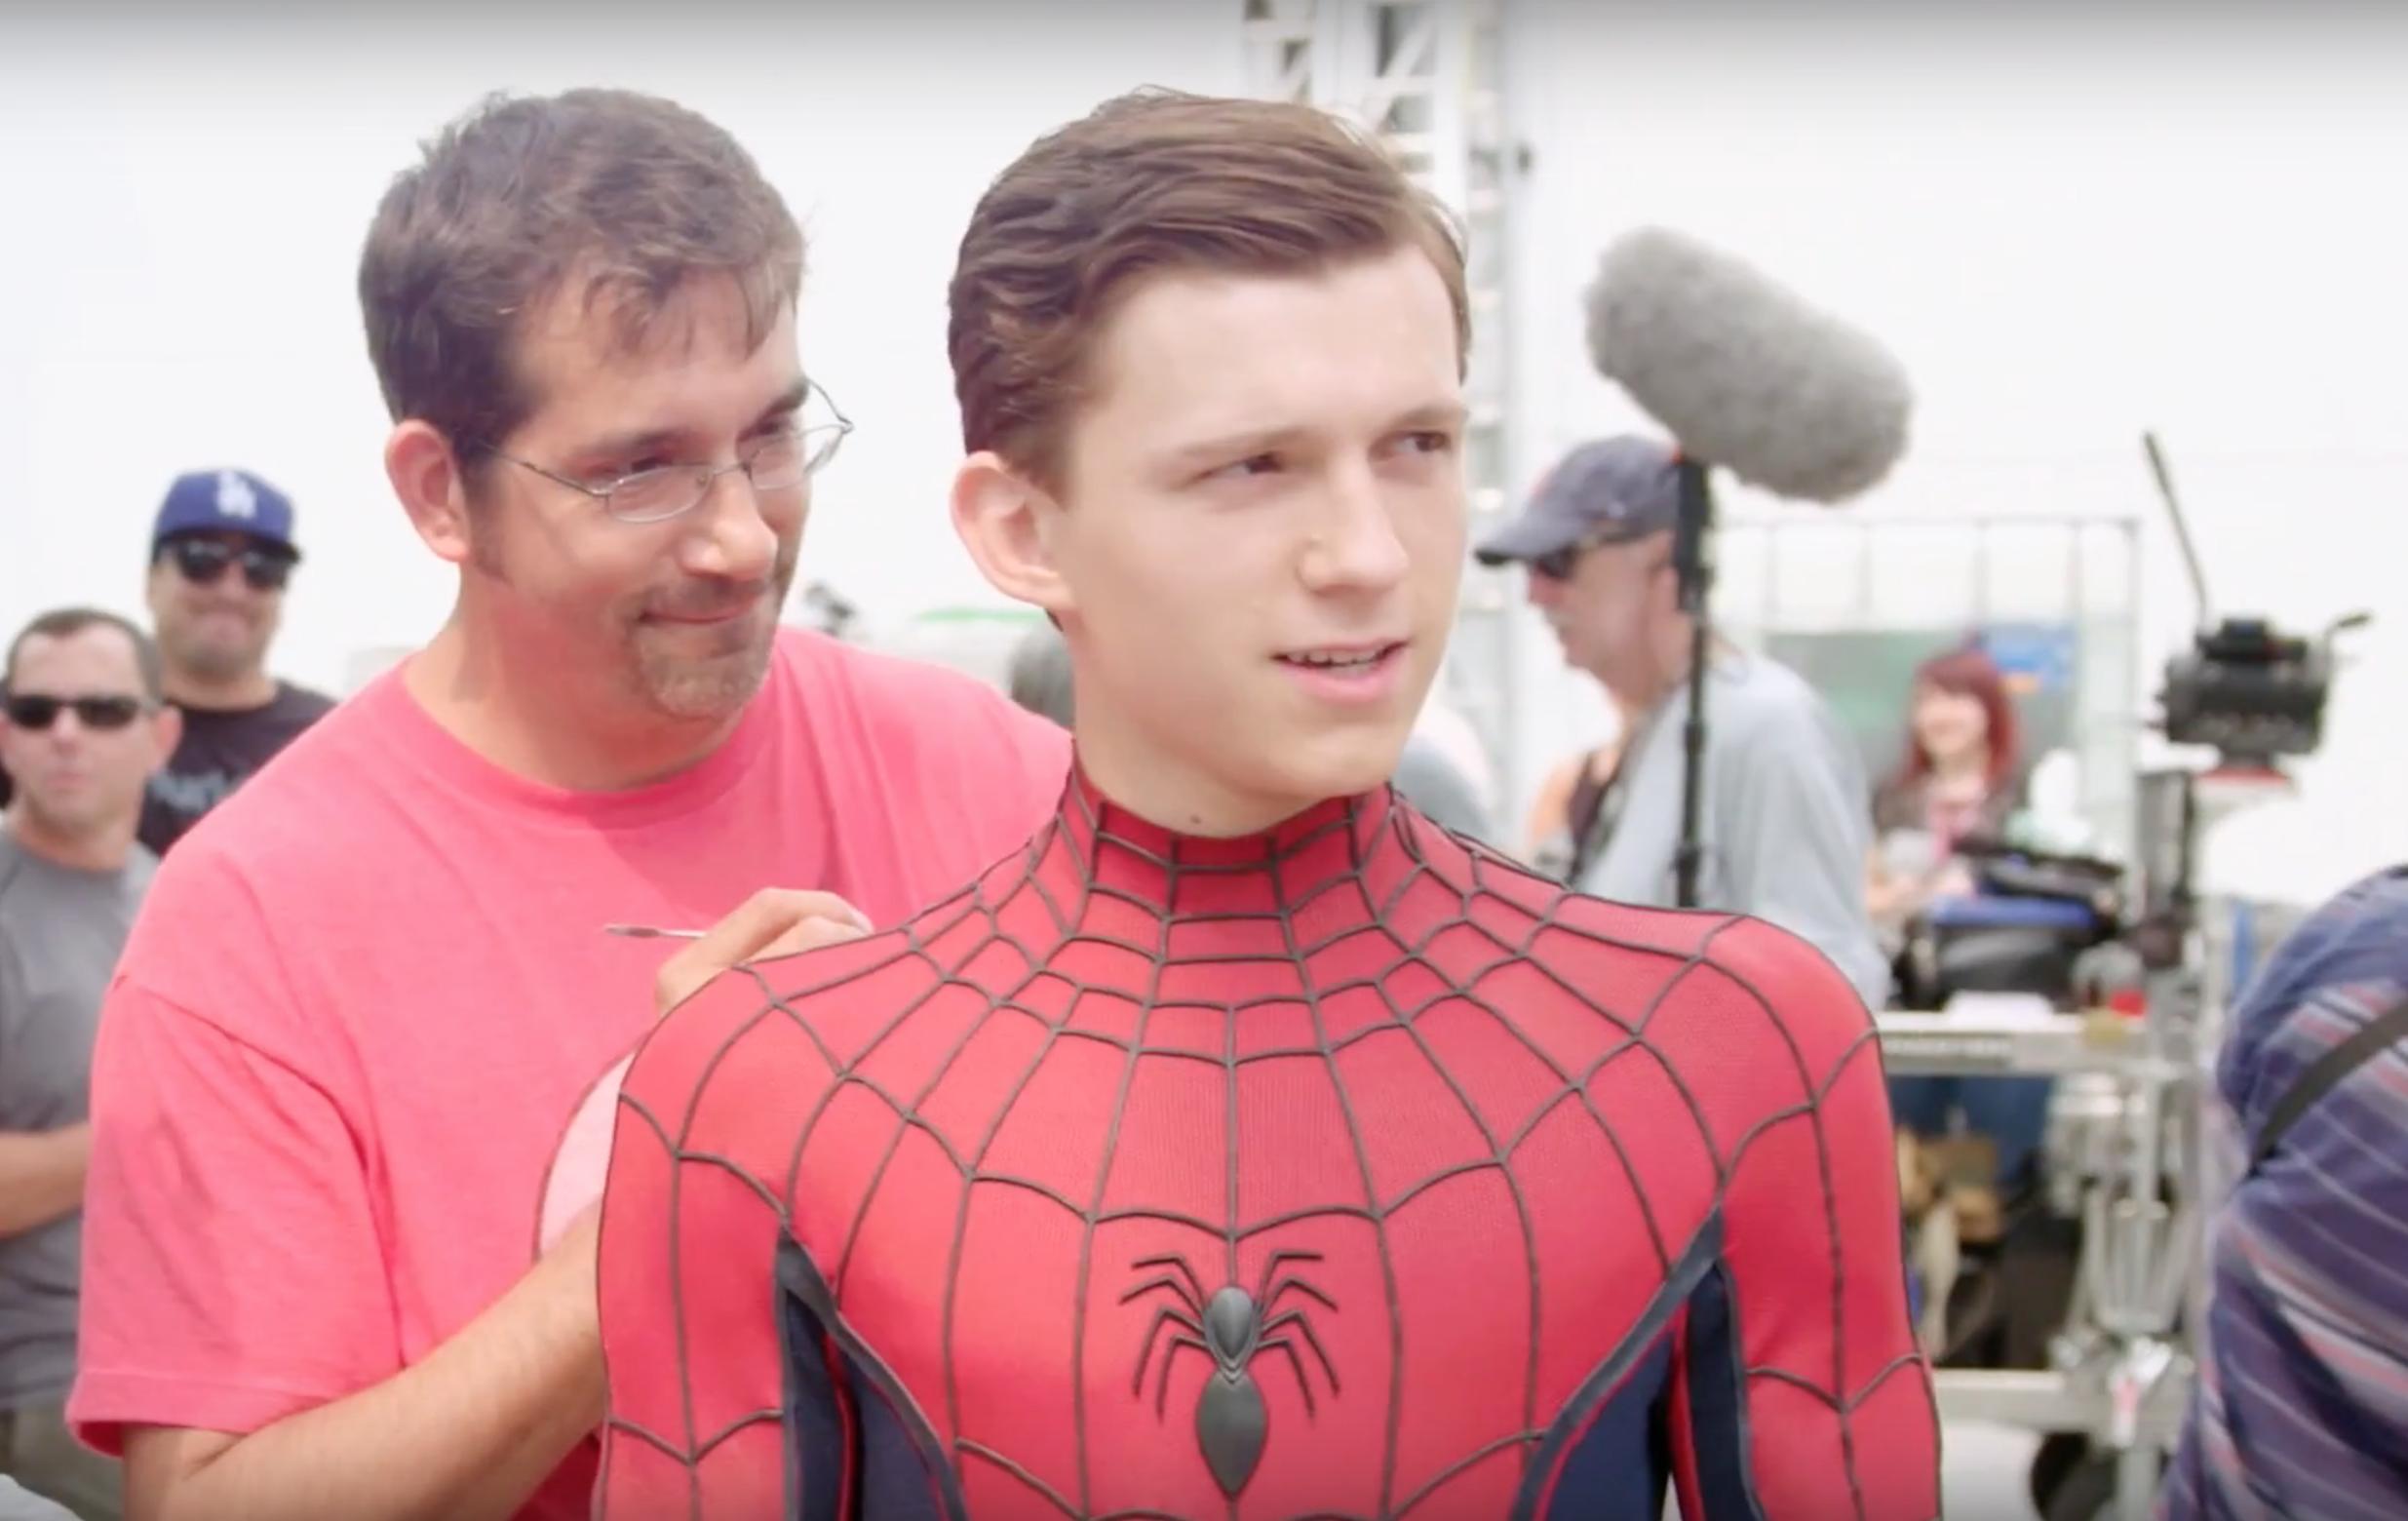 WATCH: Spider-Man Behind the Scenes 'Civil War' Video